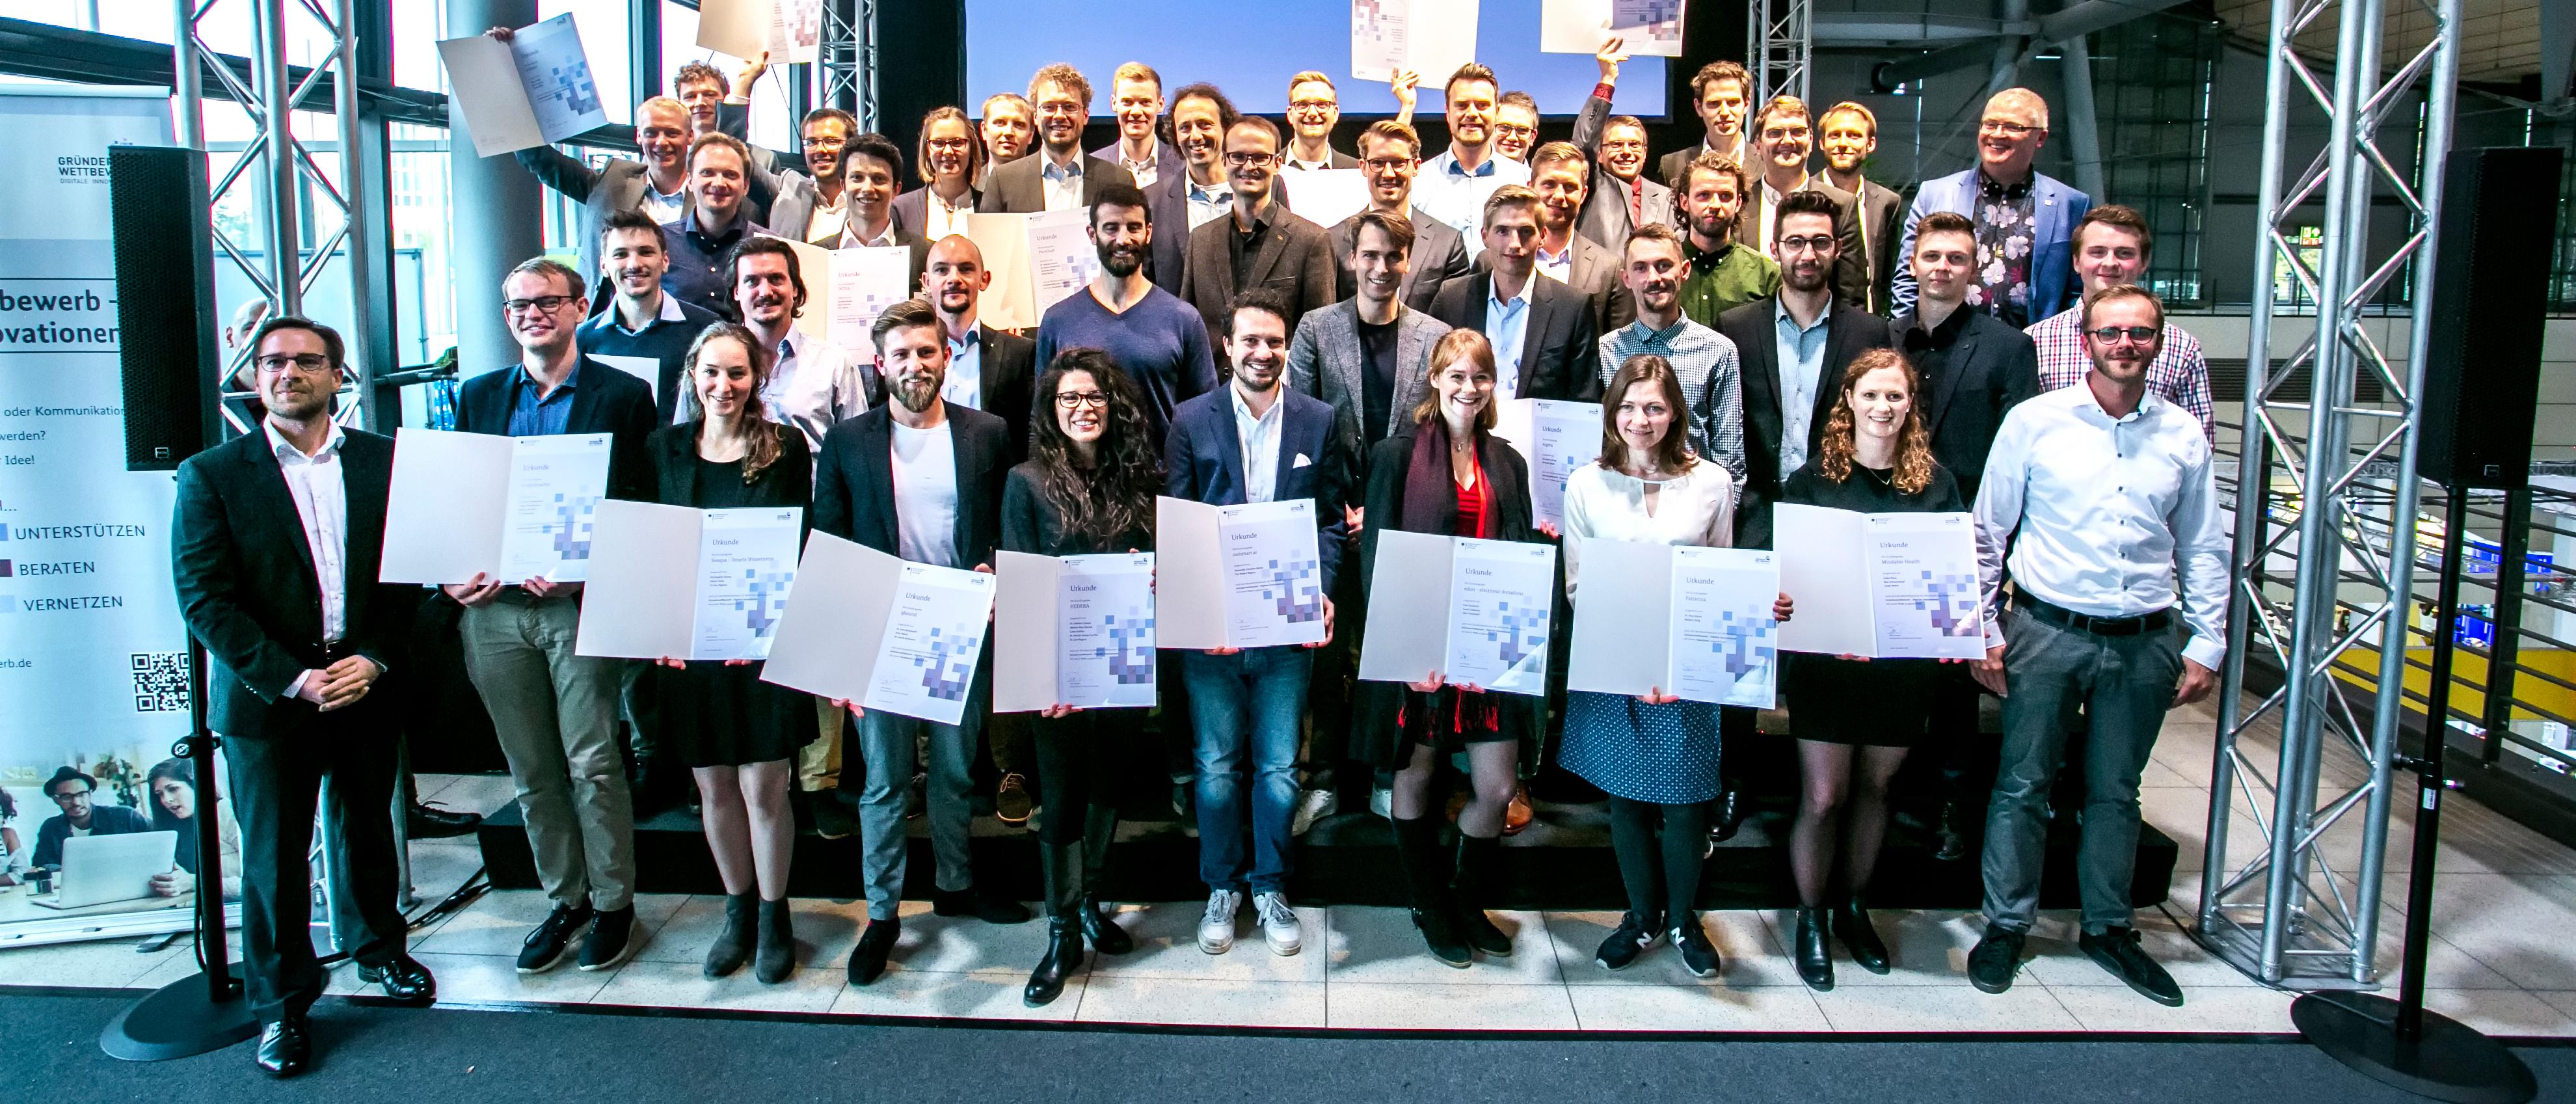 Dieses Bild zeigt das Header-Foto des Newsletters des Gründerwettbewerb - Digitale Innovationen